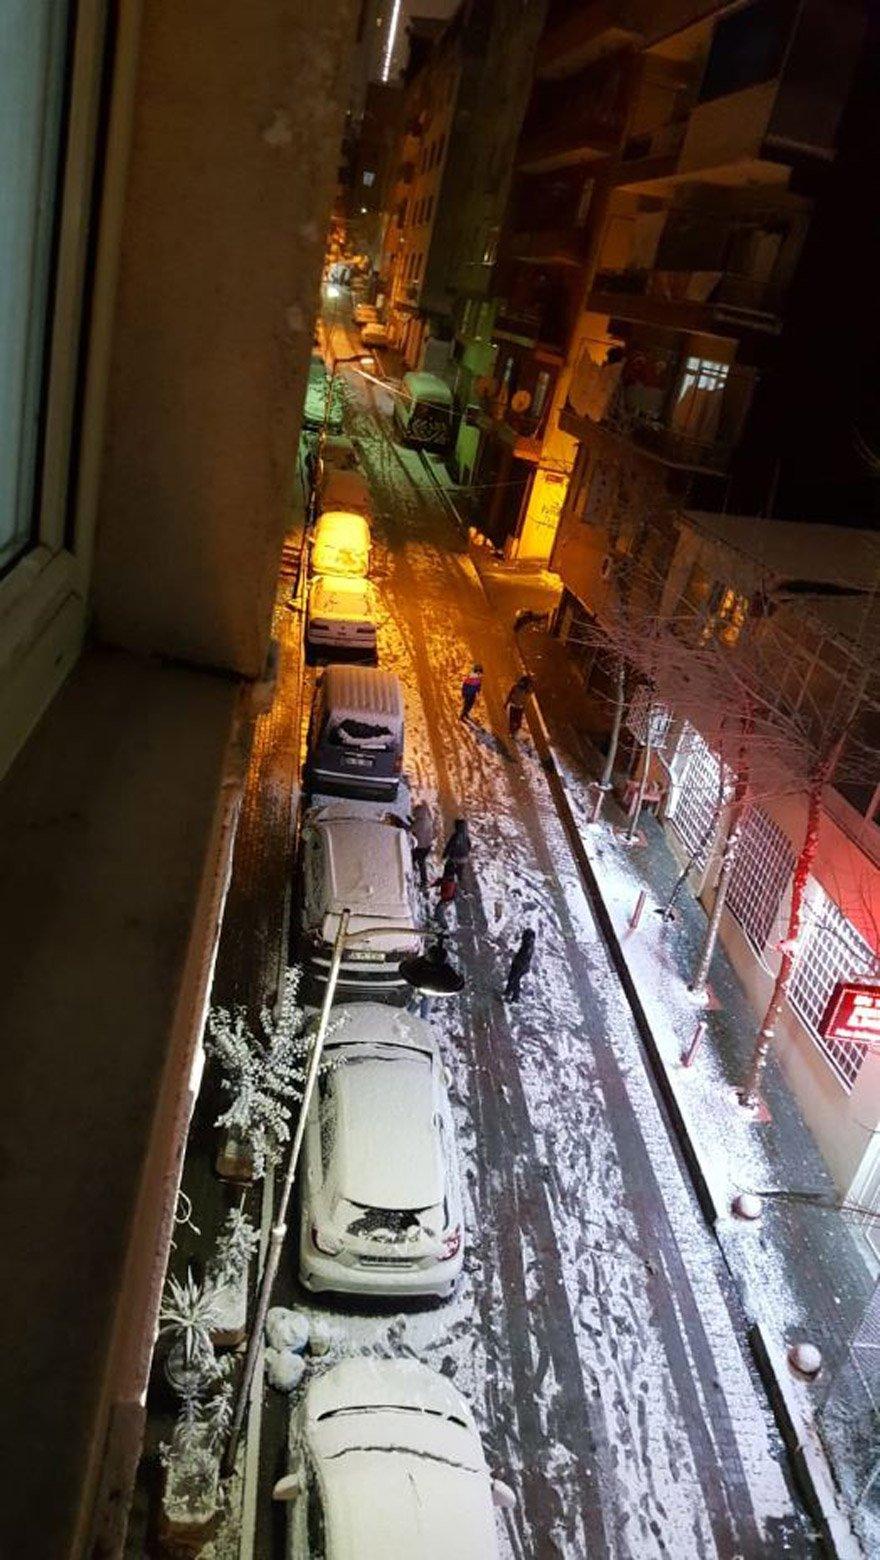 Kar yağışını gören çocuklar kendilerini sokağa atarak karın tadını çıkardılar.